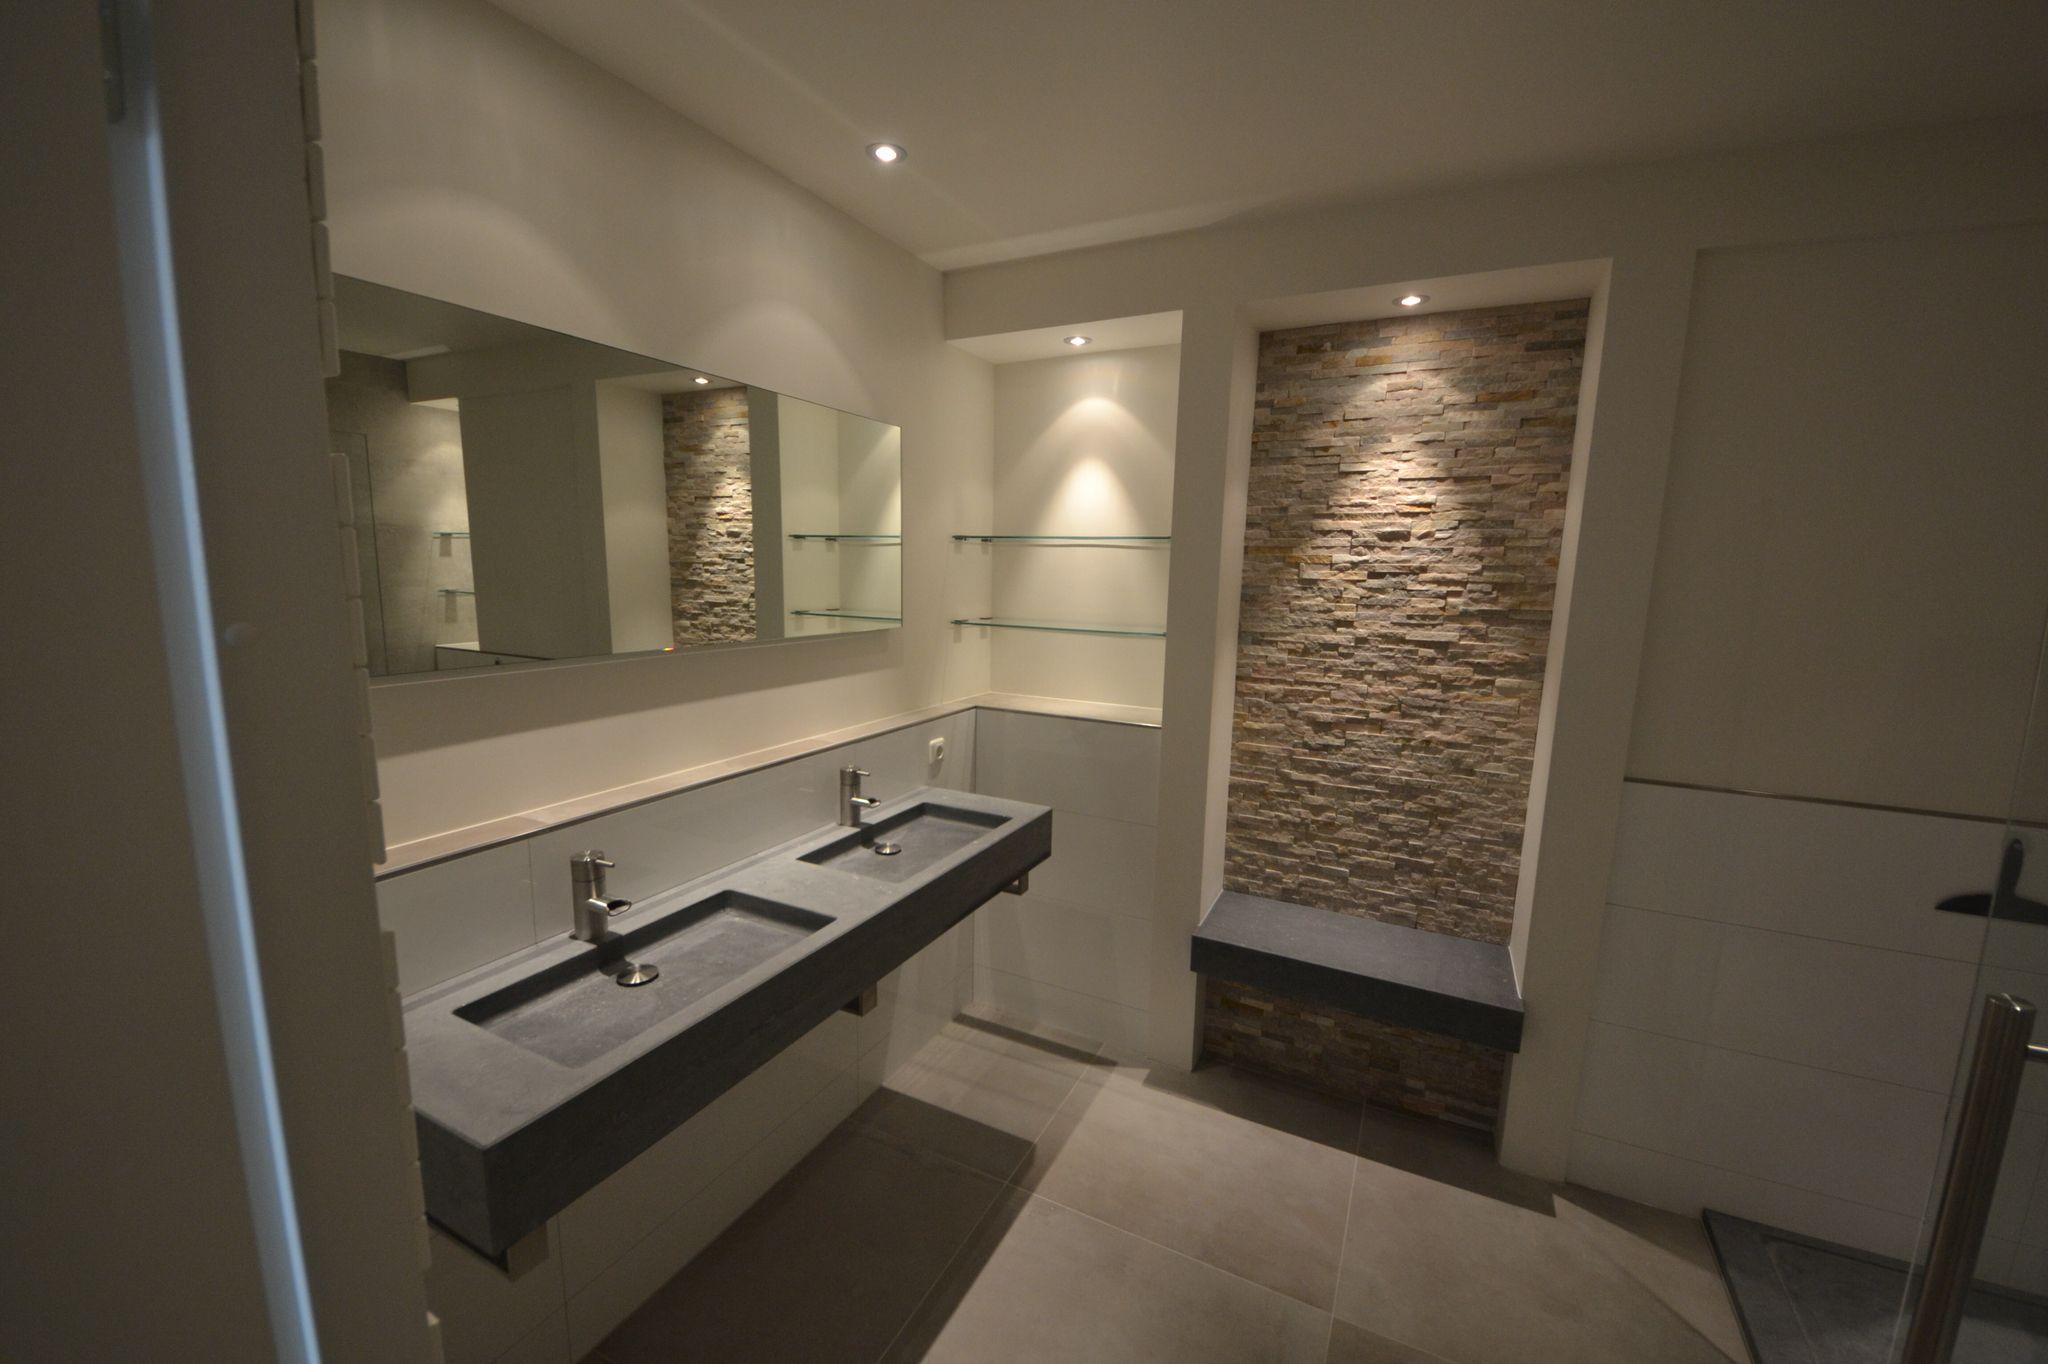 Stucwerk Badkamer Kosten : Natuursteen wastafel met zitje in combinatie met stucwerk en stone